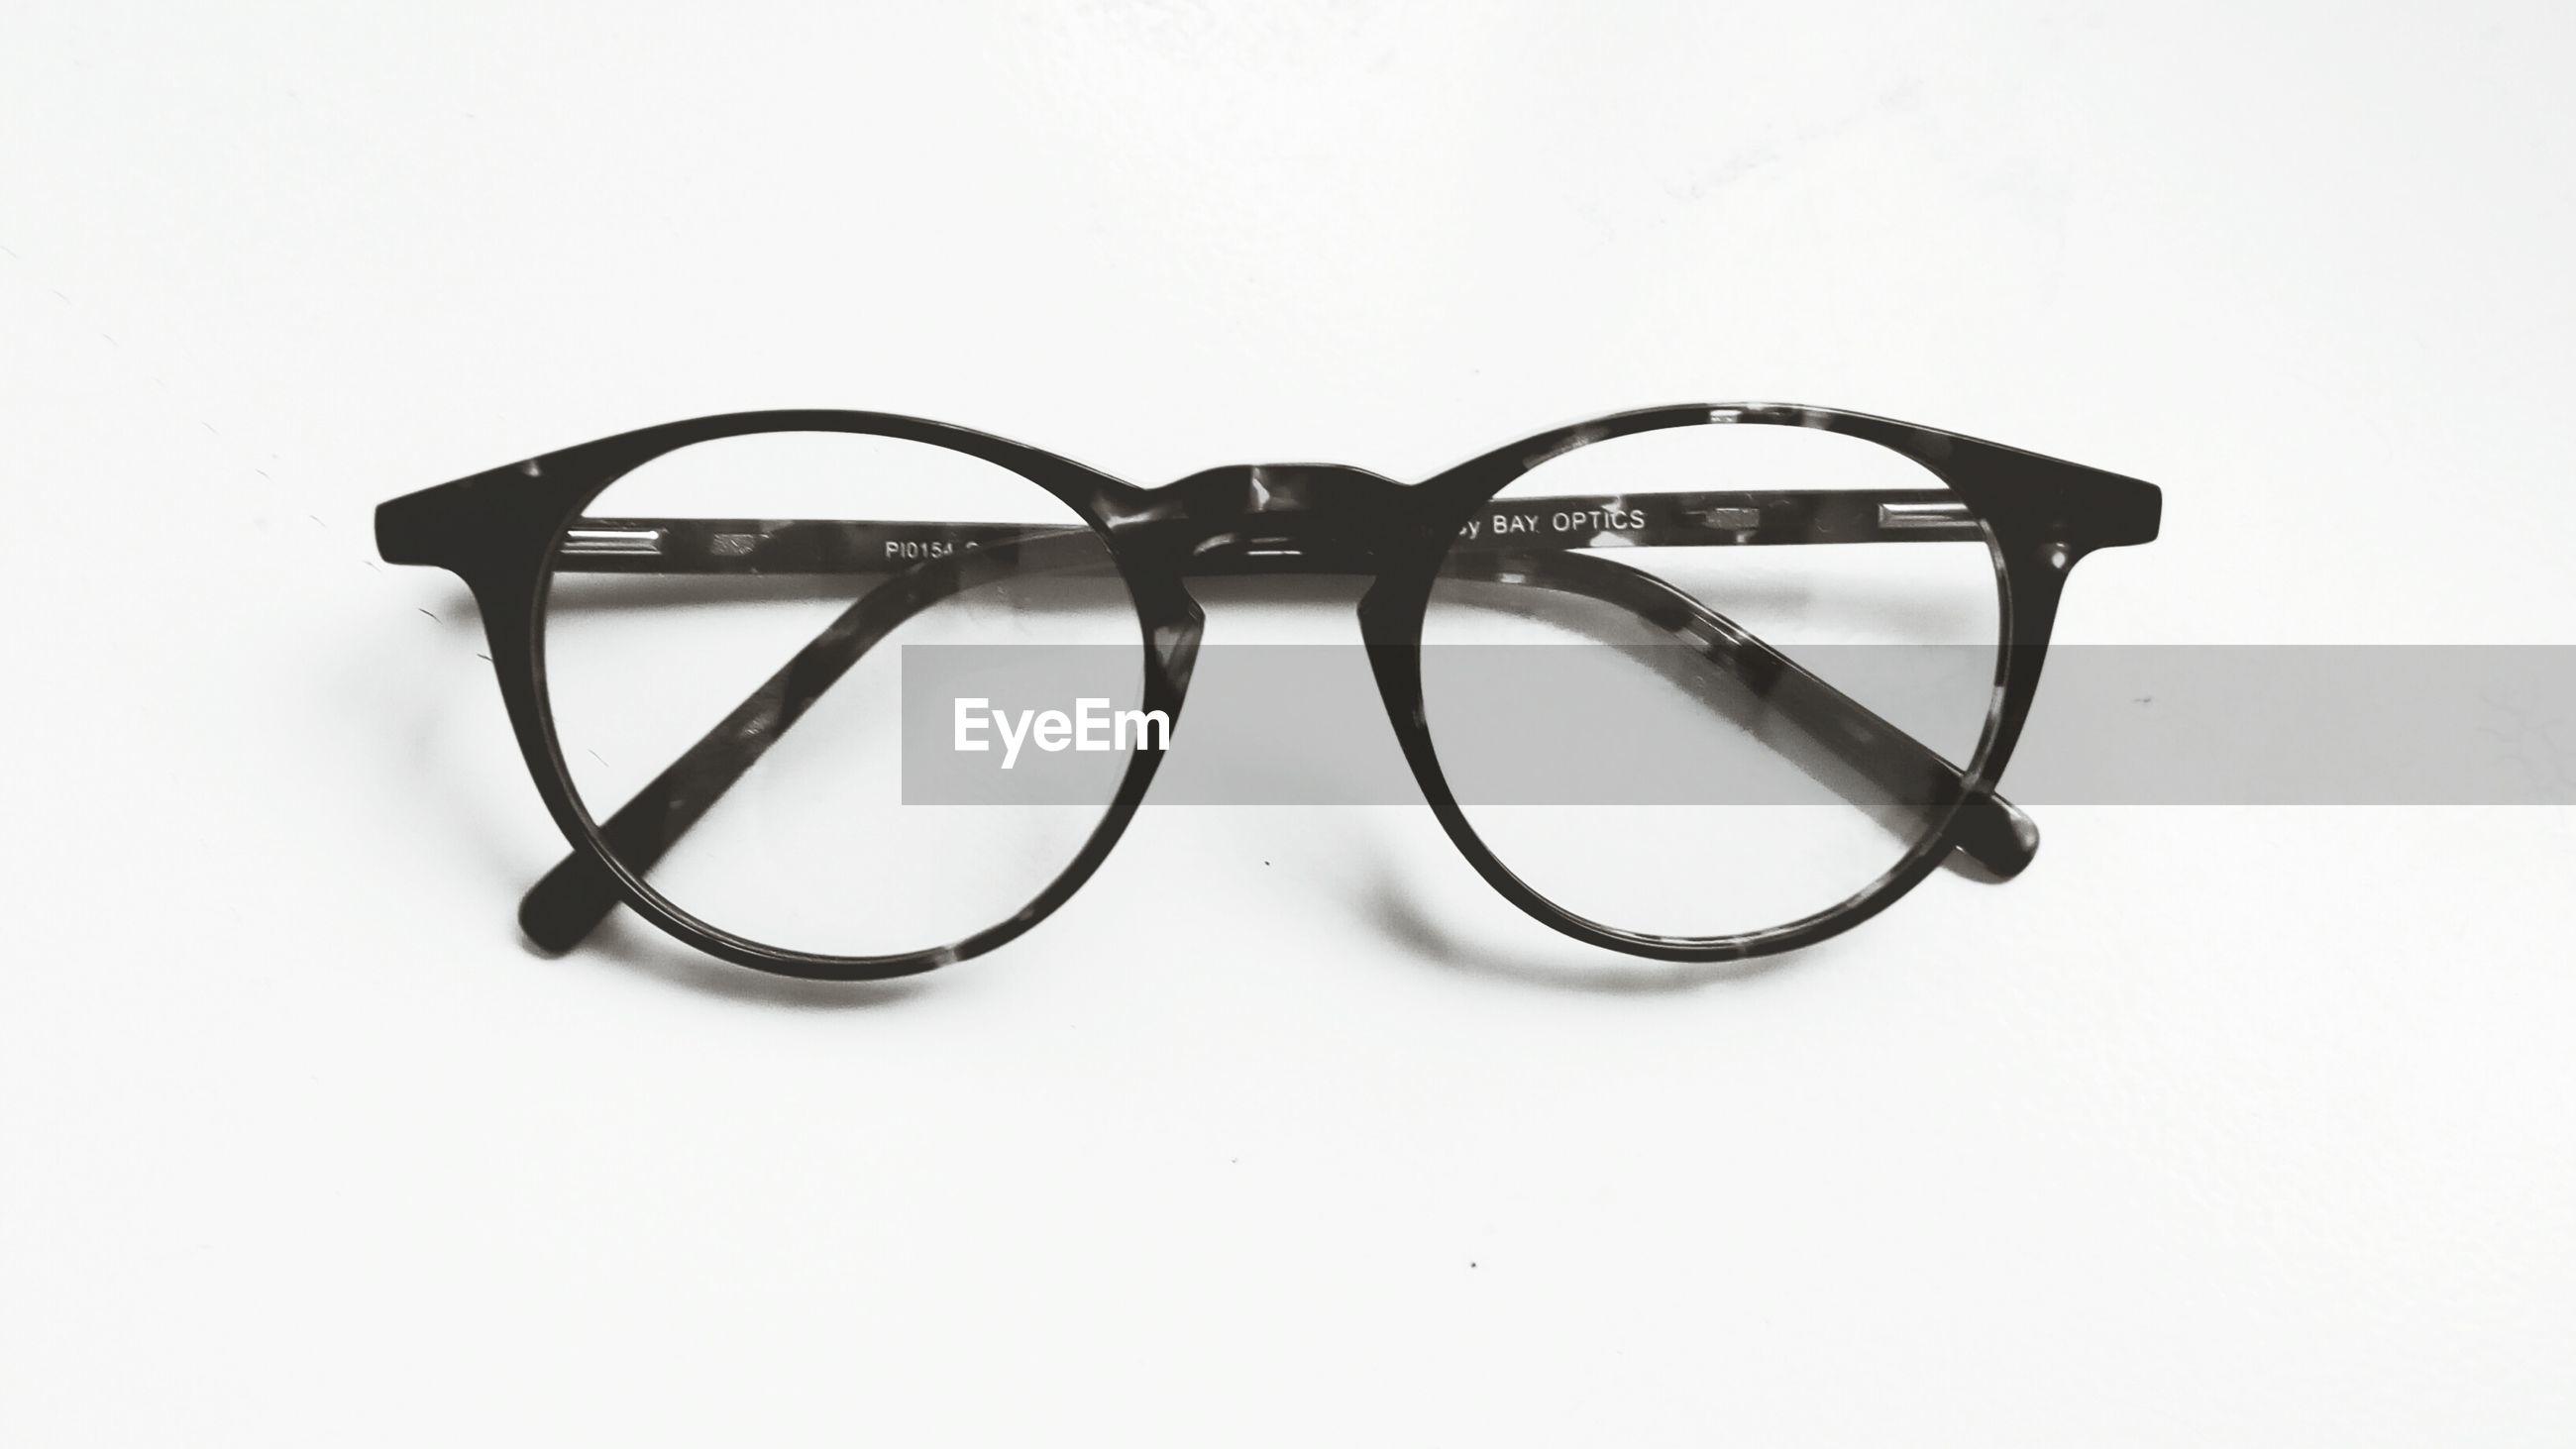 sunglasses, white background, eyewear, eyesight, studio shot, single object, eyeglasses, no people, vision, close-up, day